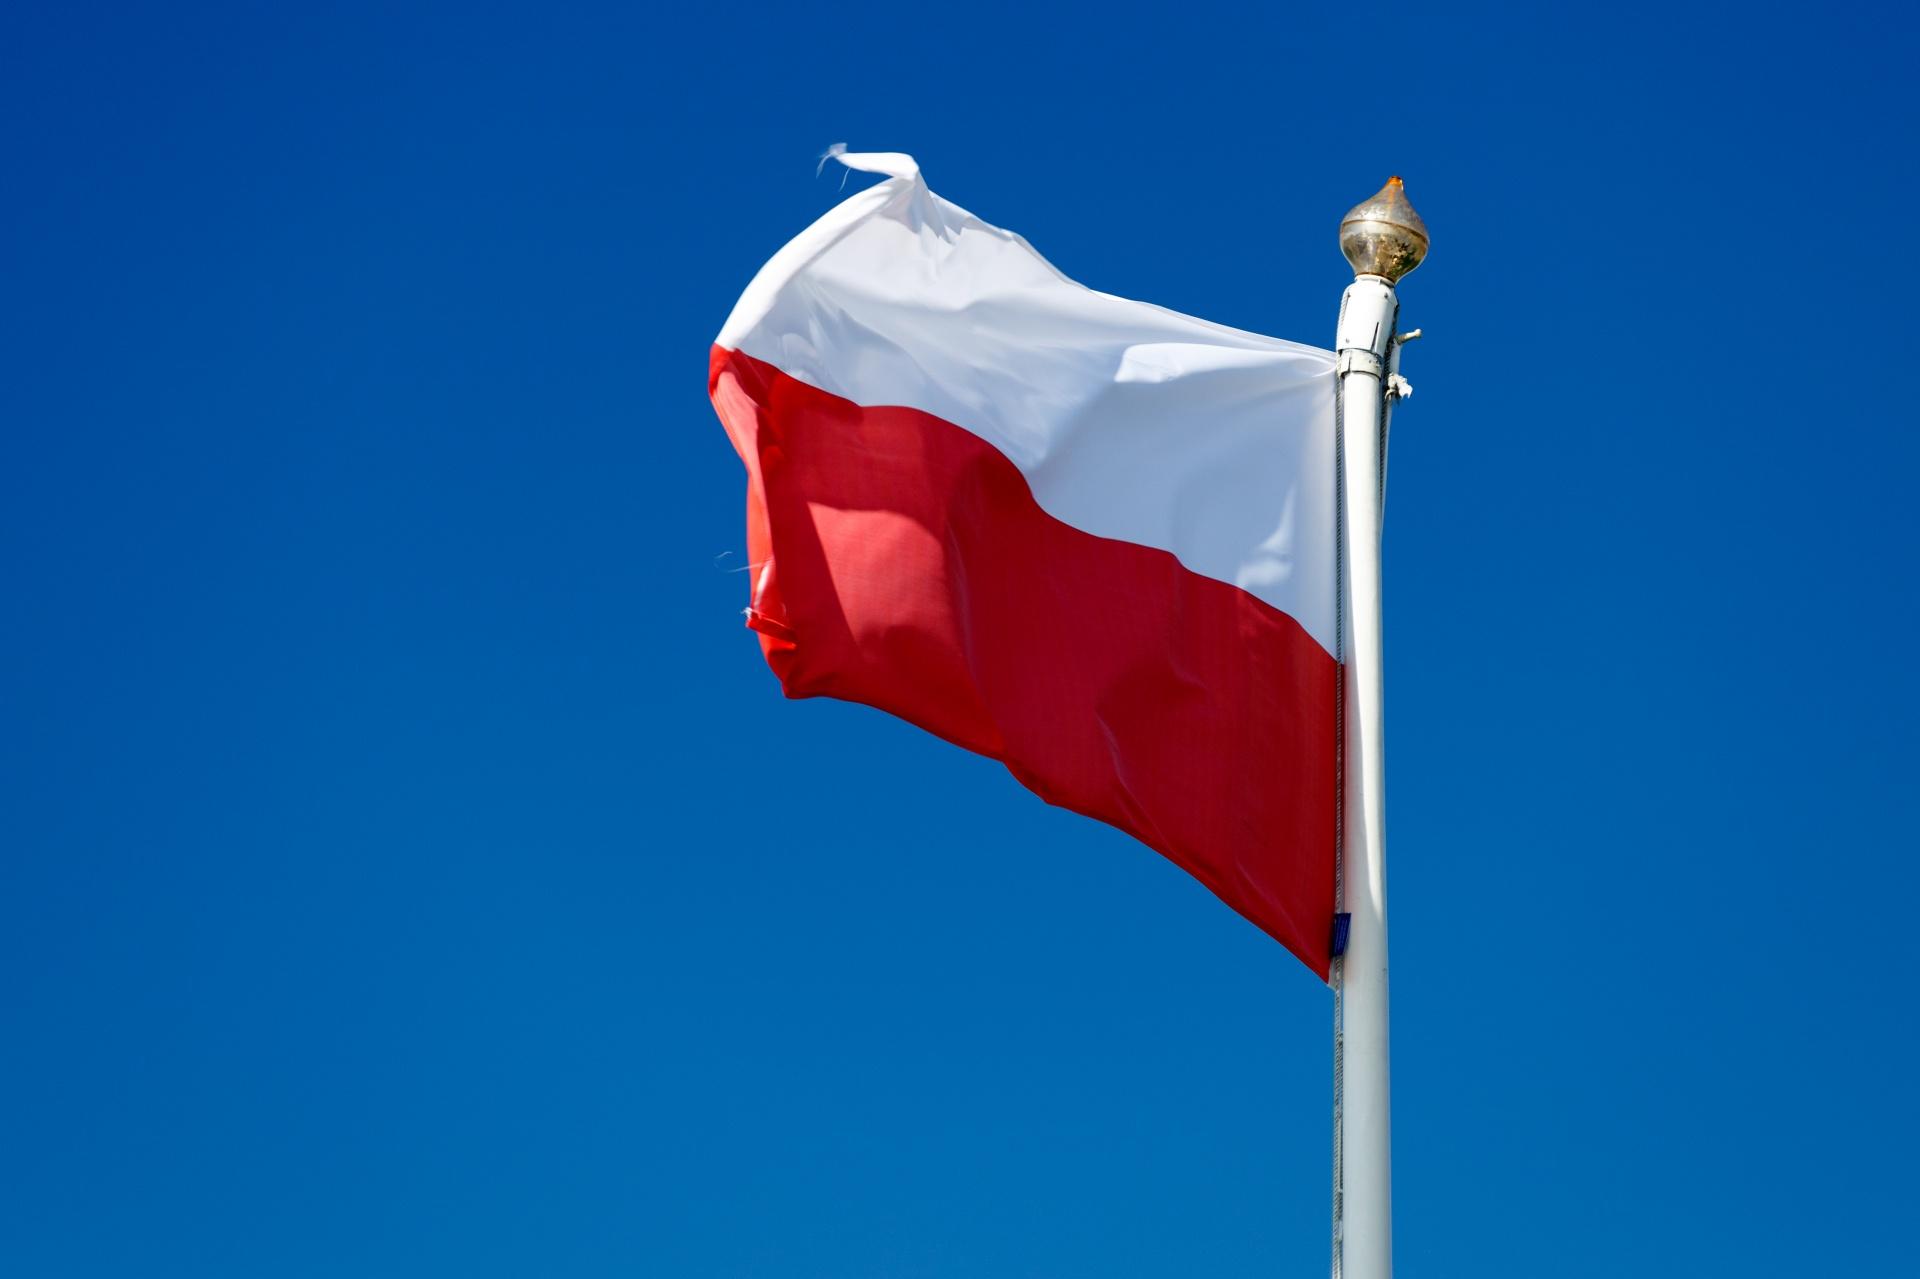 polish flag in the sky 1443282322Dgf